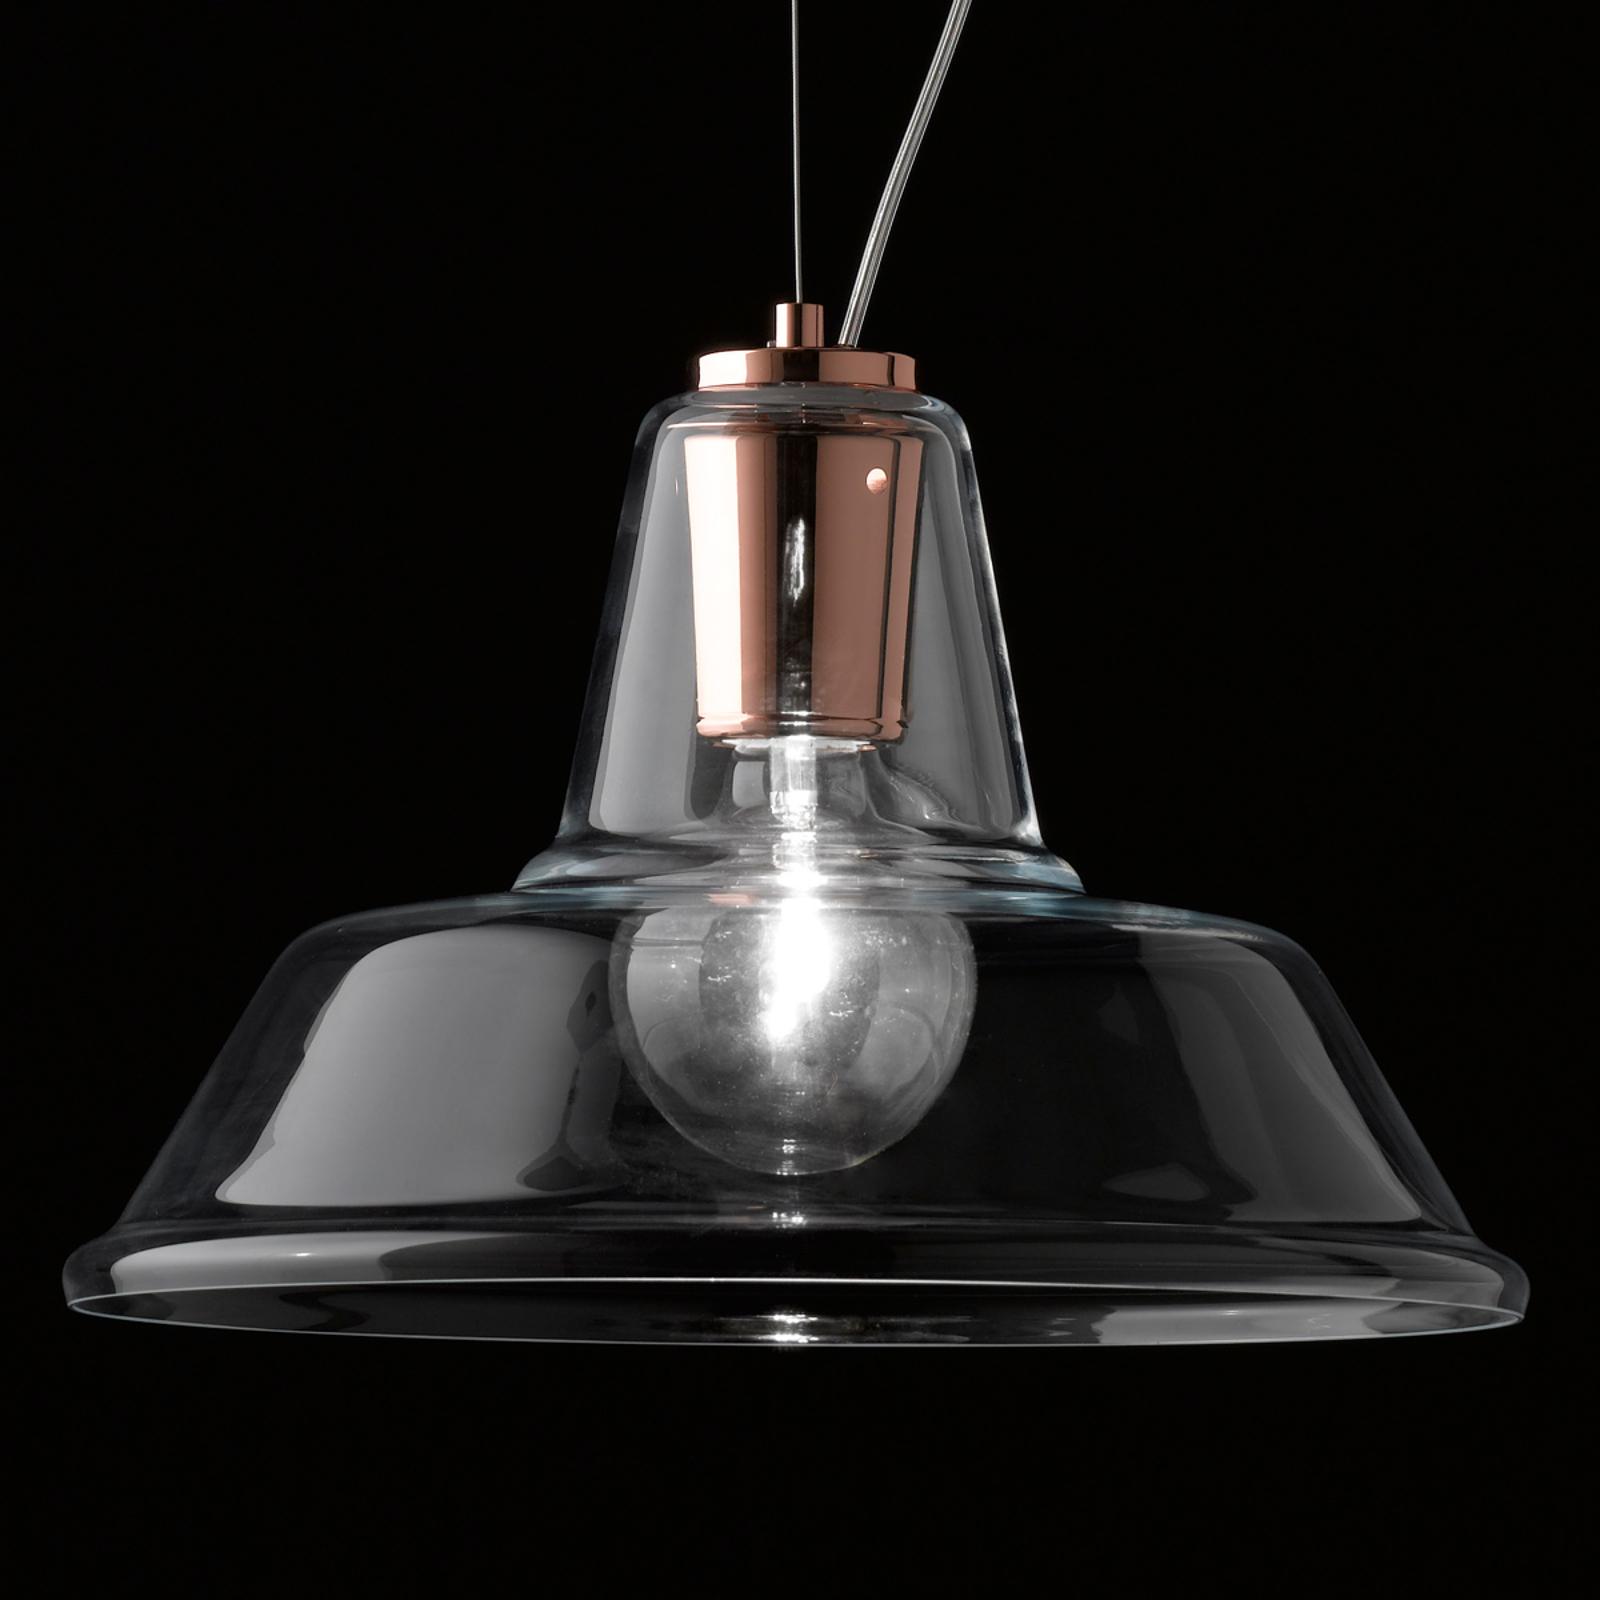 Glas-Pendelleuchte Lampara mit Element in Kupfer